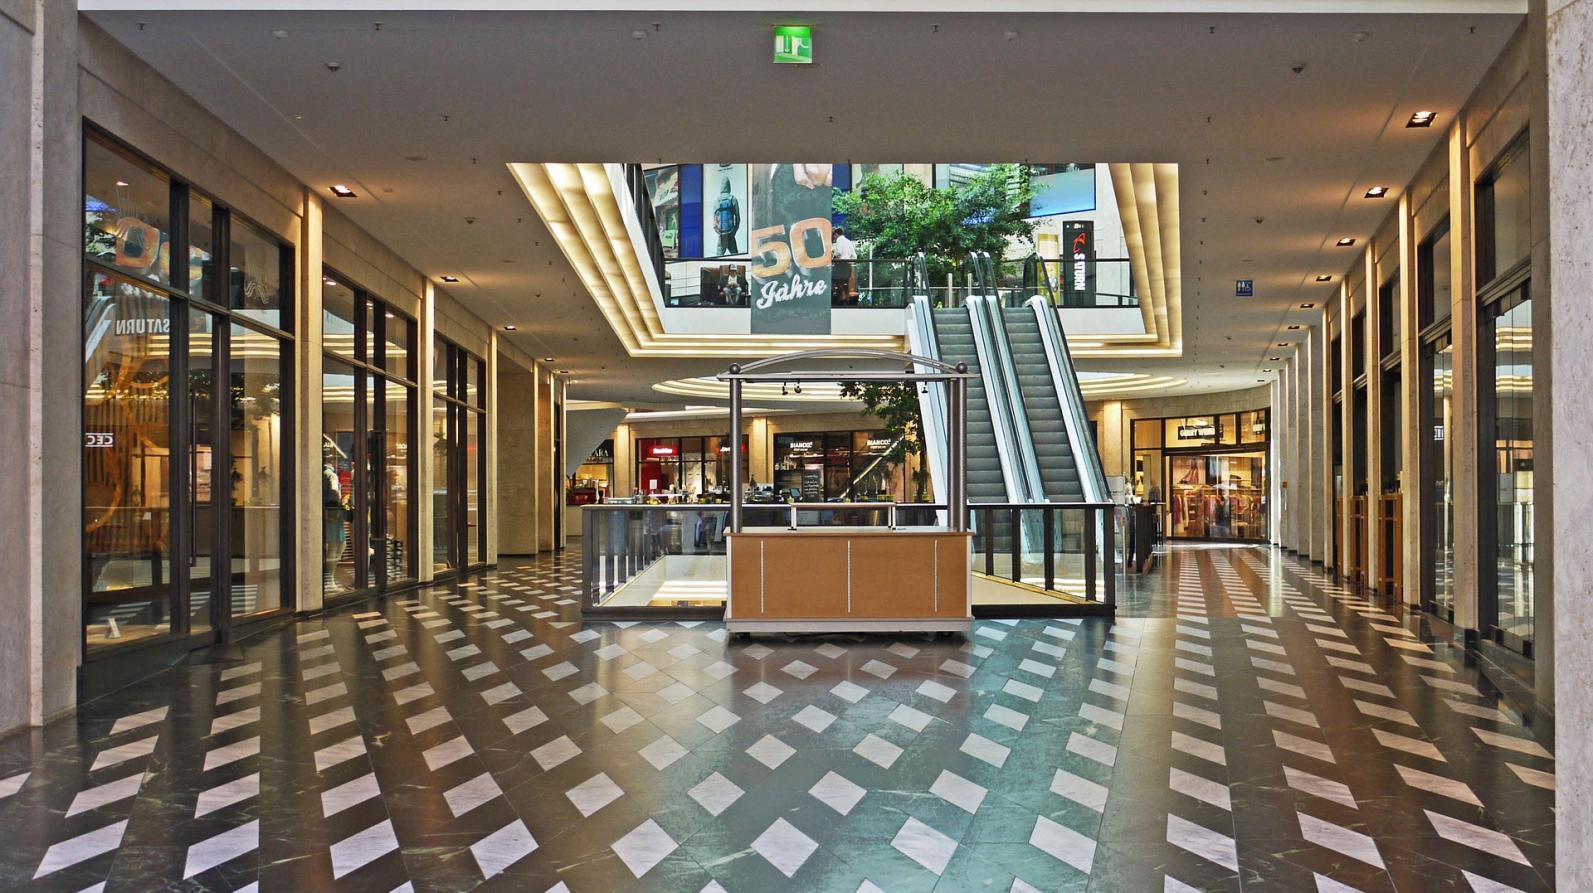 Lojistas de shopping centers devem negociar acordos individuais para isenção ou suspensão temporária de alugueis e taxas por conta do coronavírus, recomenda especialista